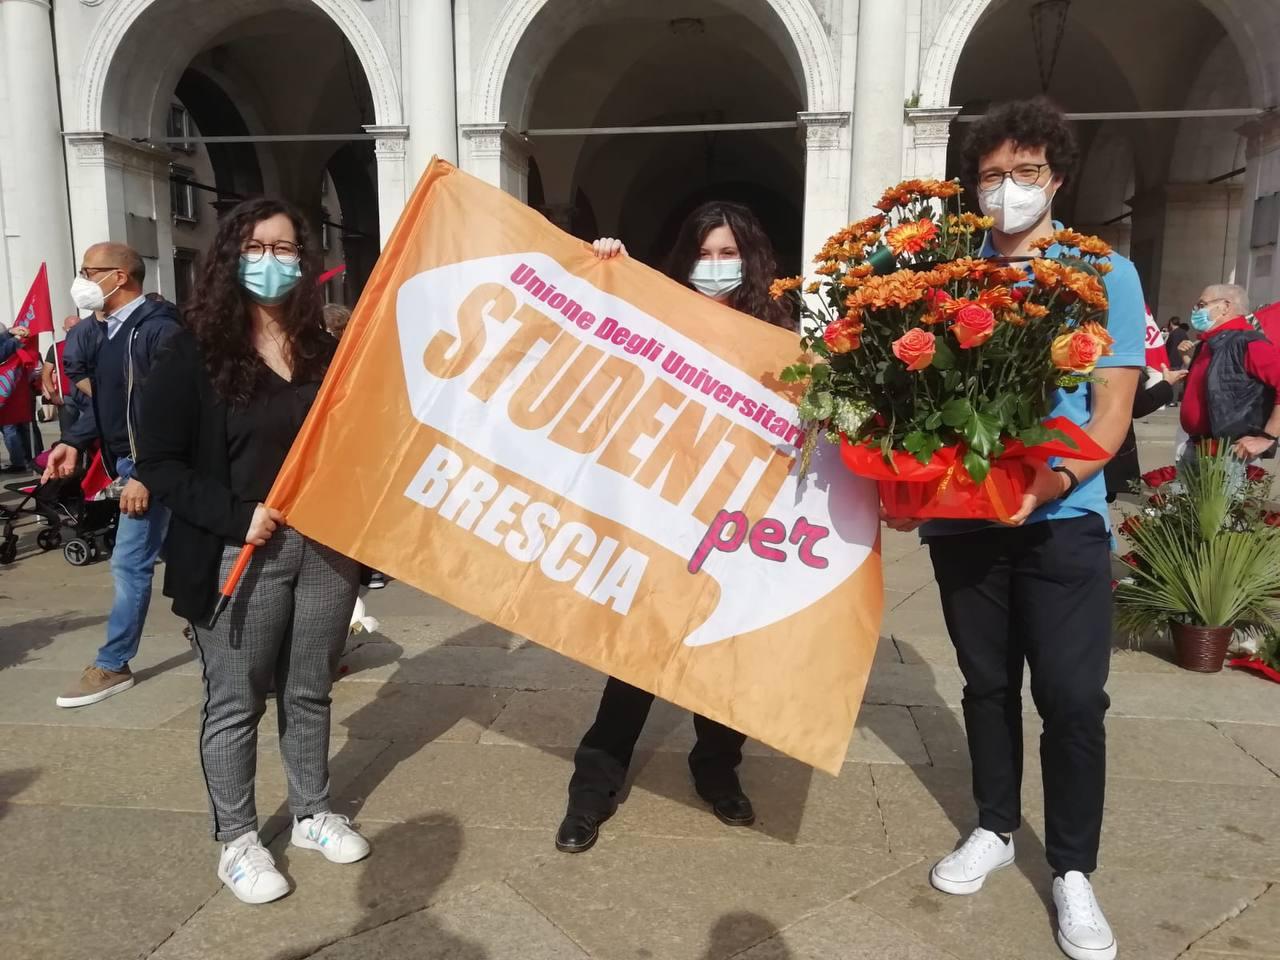 28 maggio: Studenti Per in Piazza Loggia per ricordare le vittime della strage